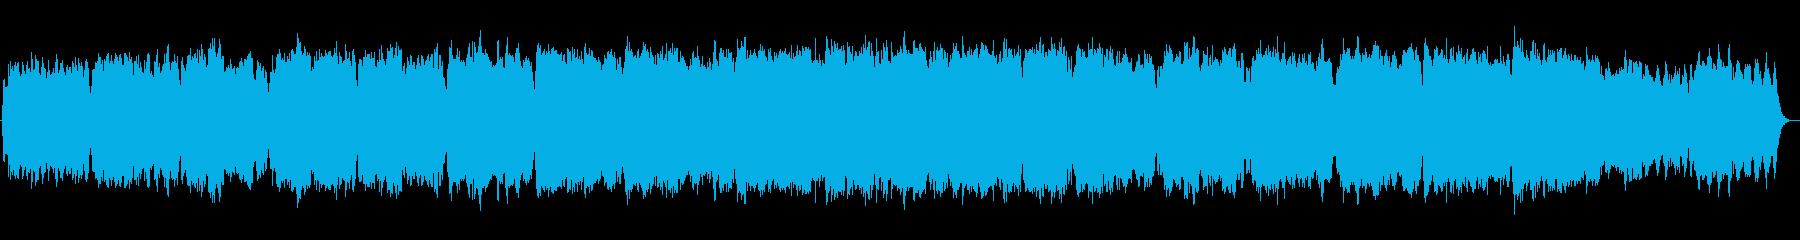 神聖な印象のオルガン・シンセサイザーなどの再生済みの波形